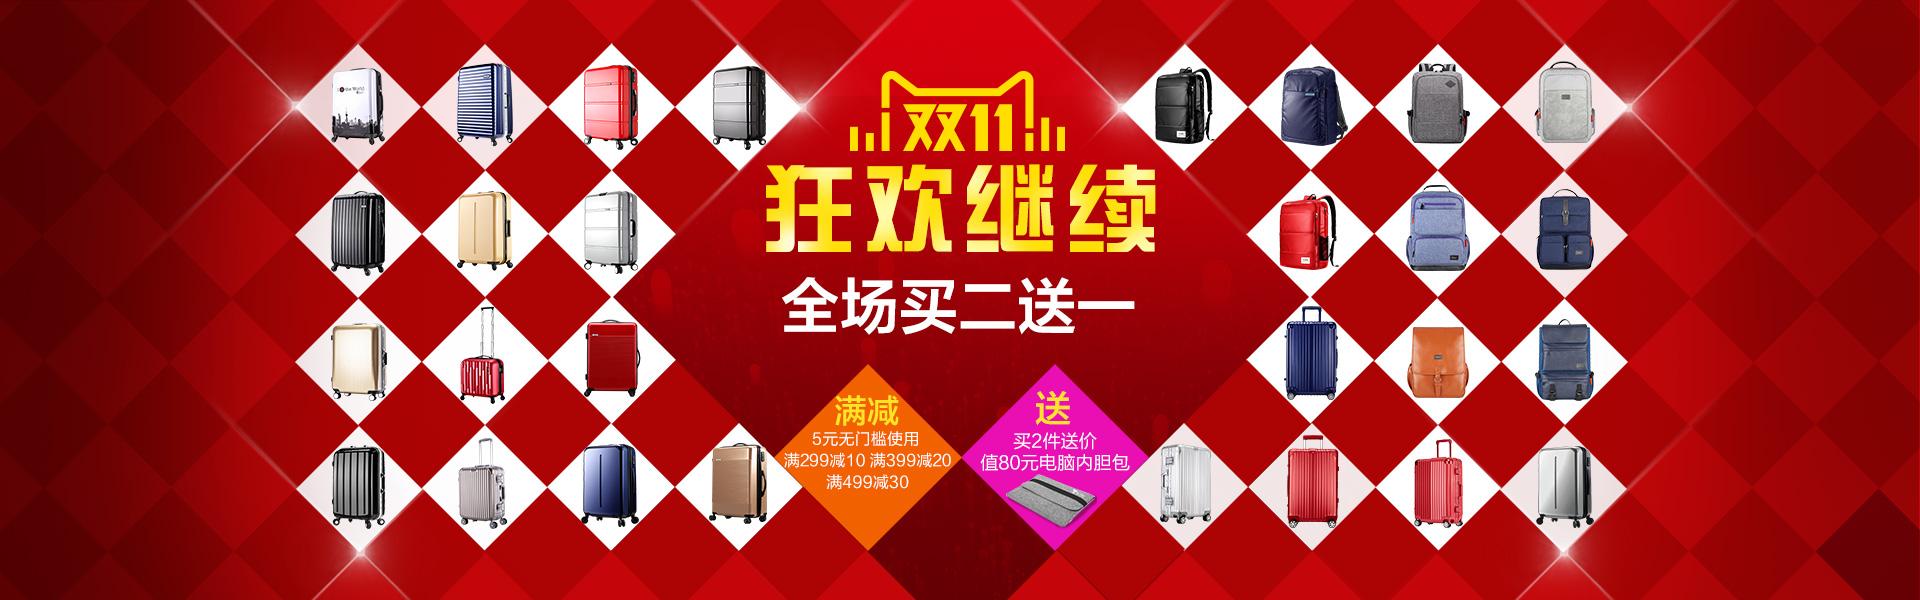 拉杆箱 拉链箱 旅行箱双十一大促 天猫狂欢节 返场继续海报banner图图片